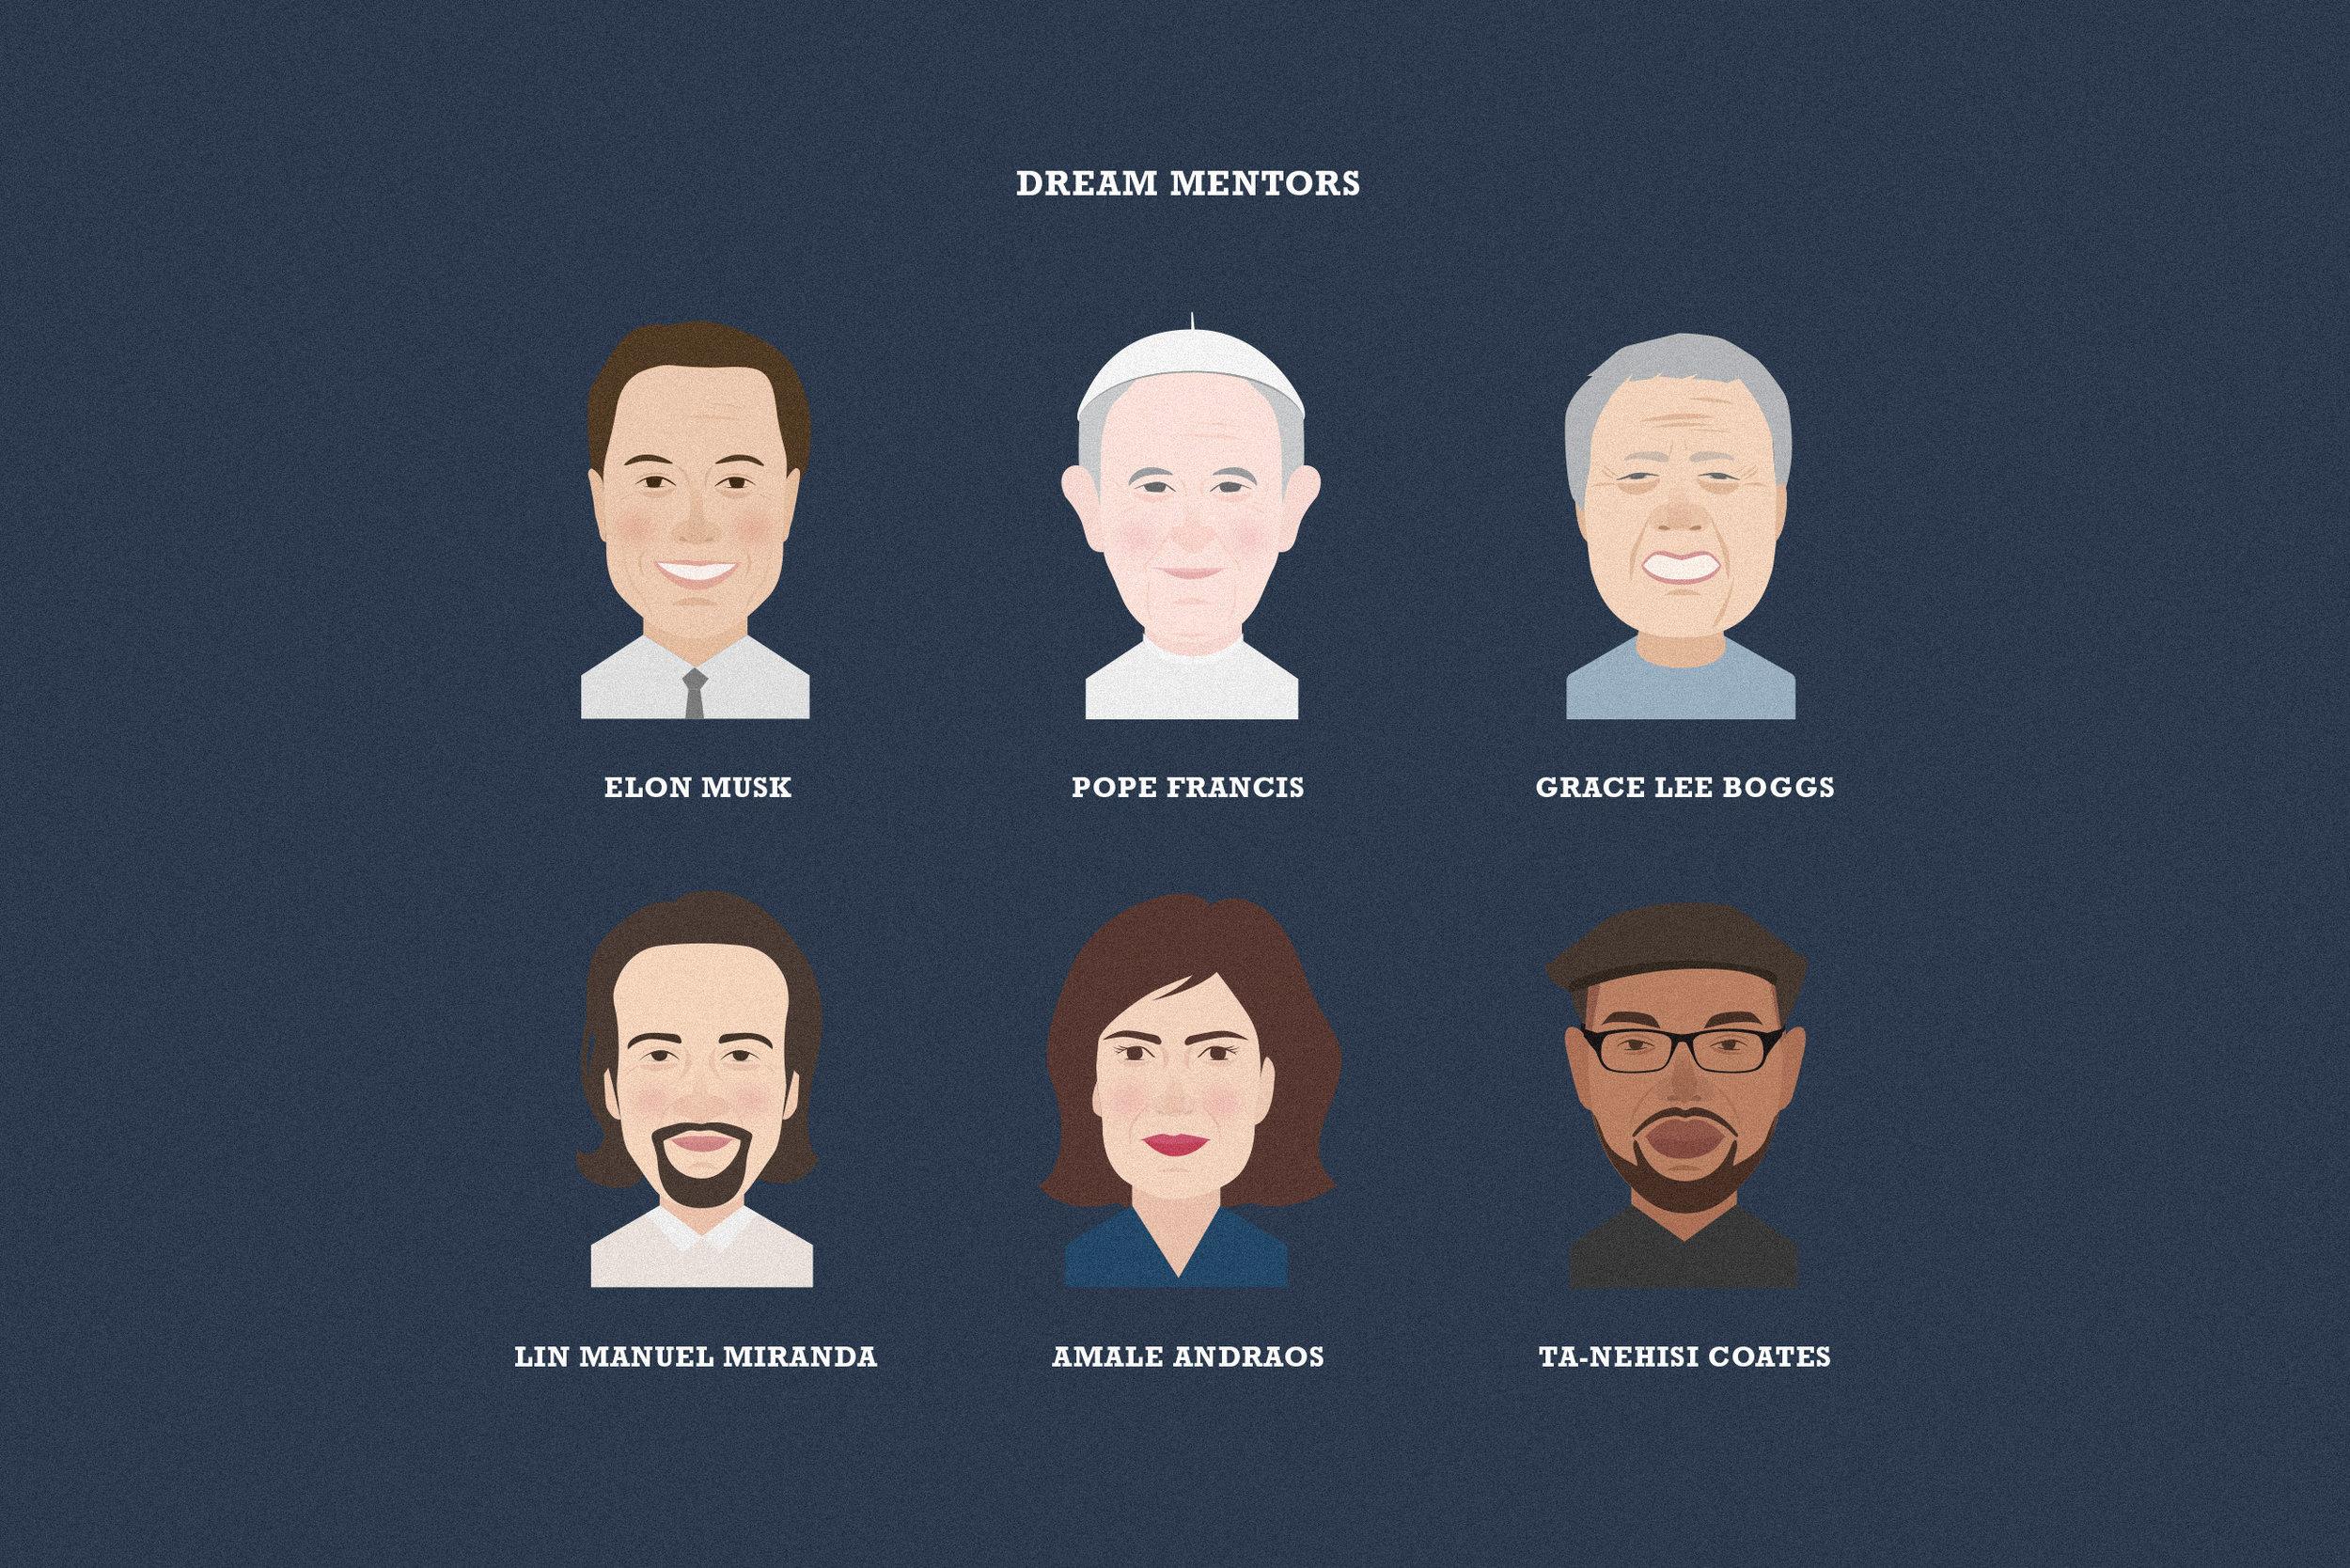 mentors-1345x898@2x.jpg